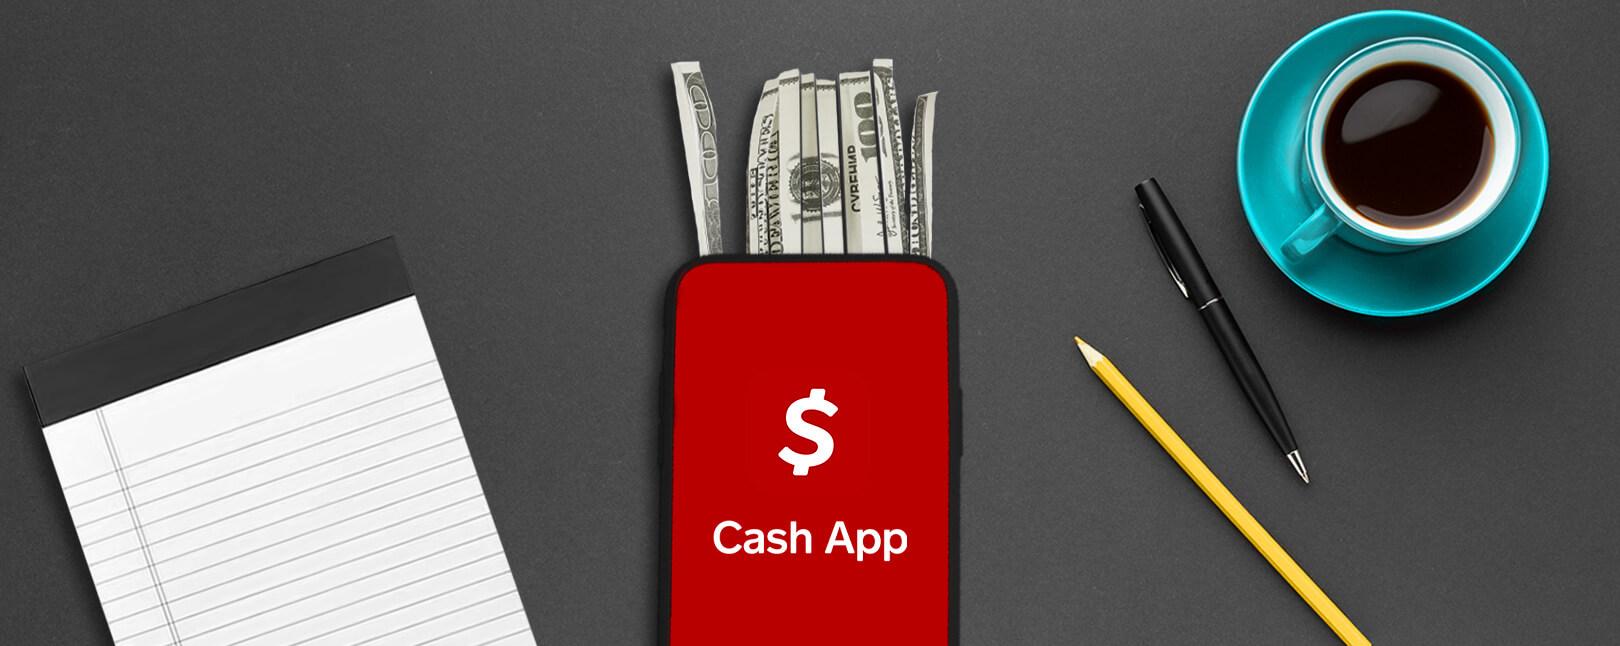 cash app chargeback